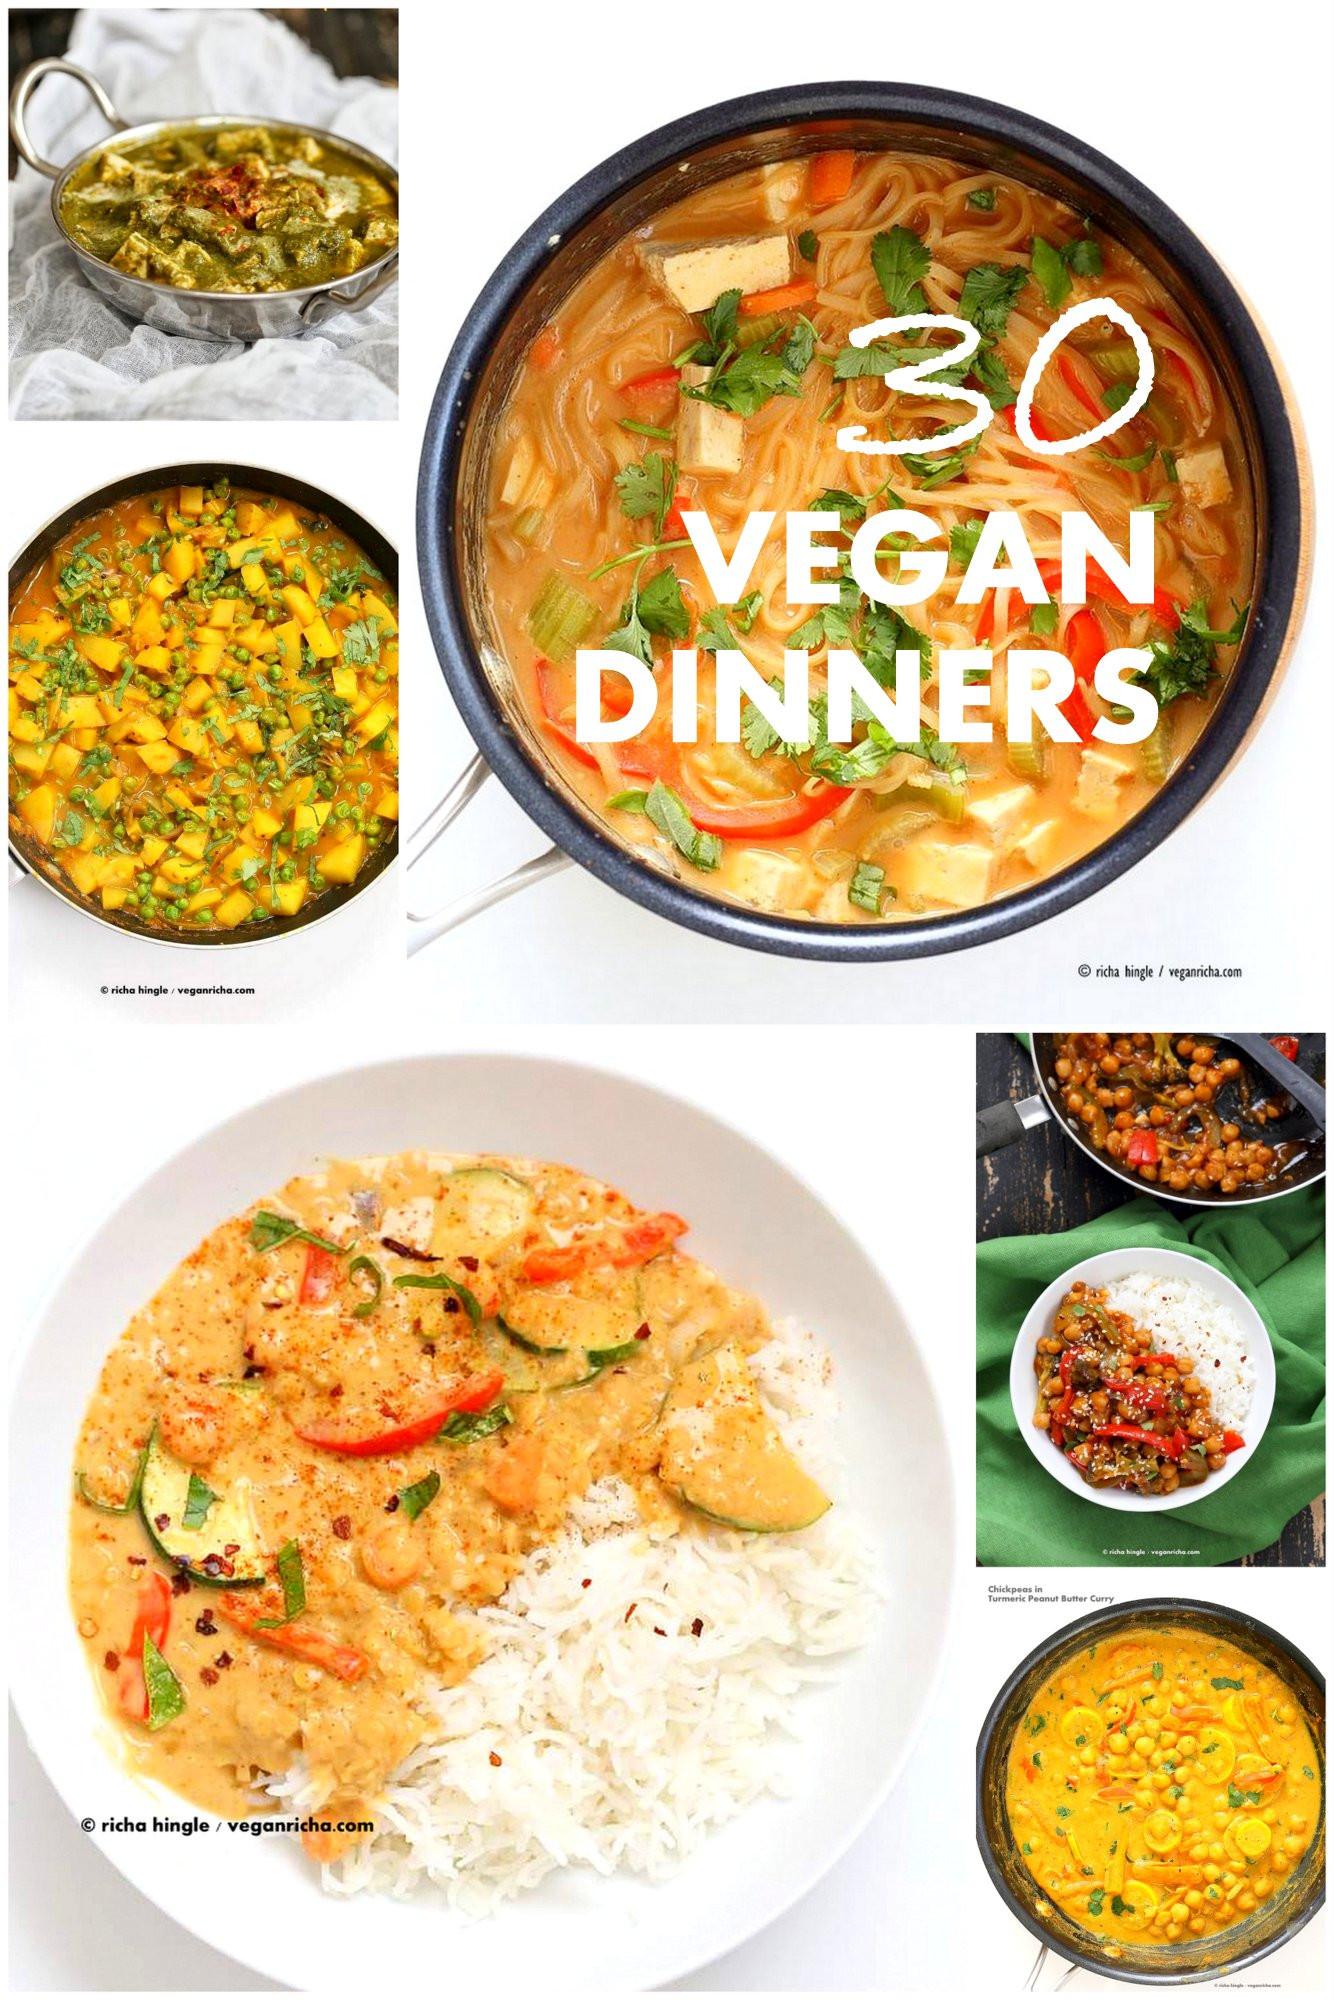 Easy Vegan Recipes For Dinner  30 Easy Vegan Dinner Recipes Vegan Richa